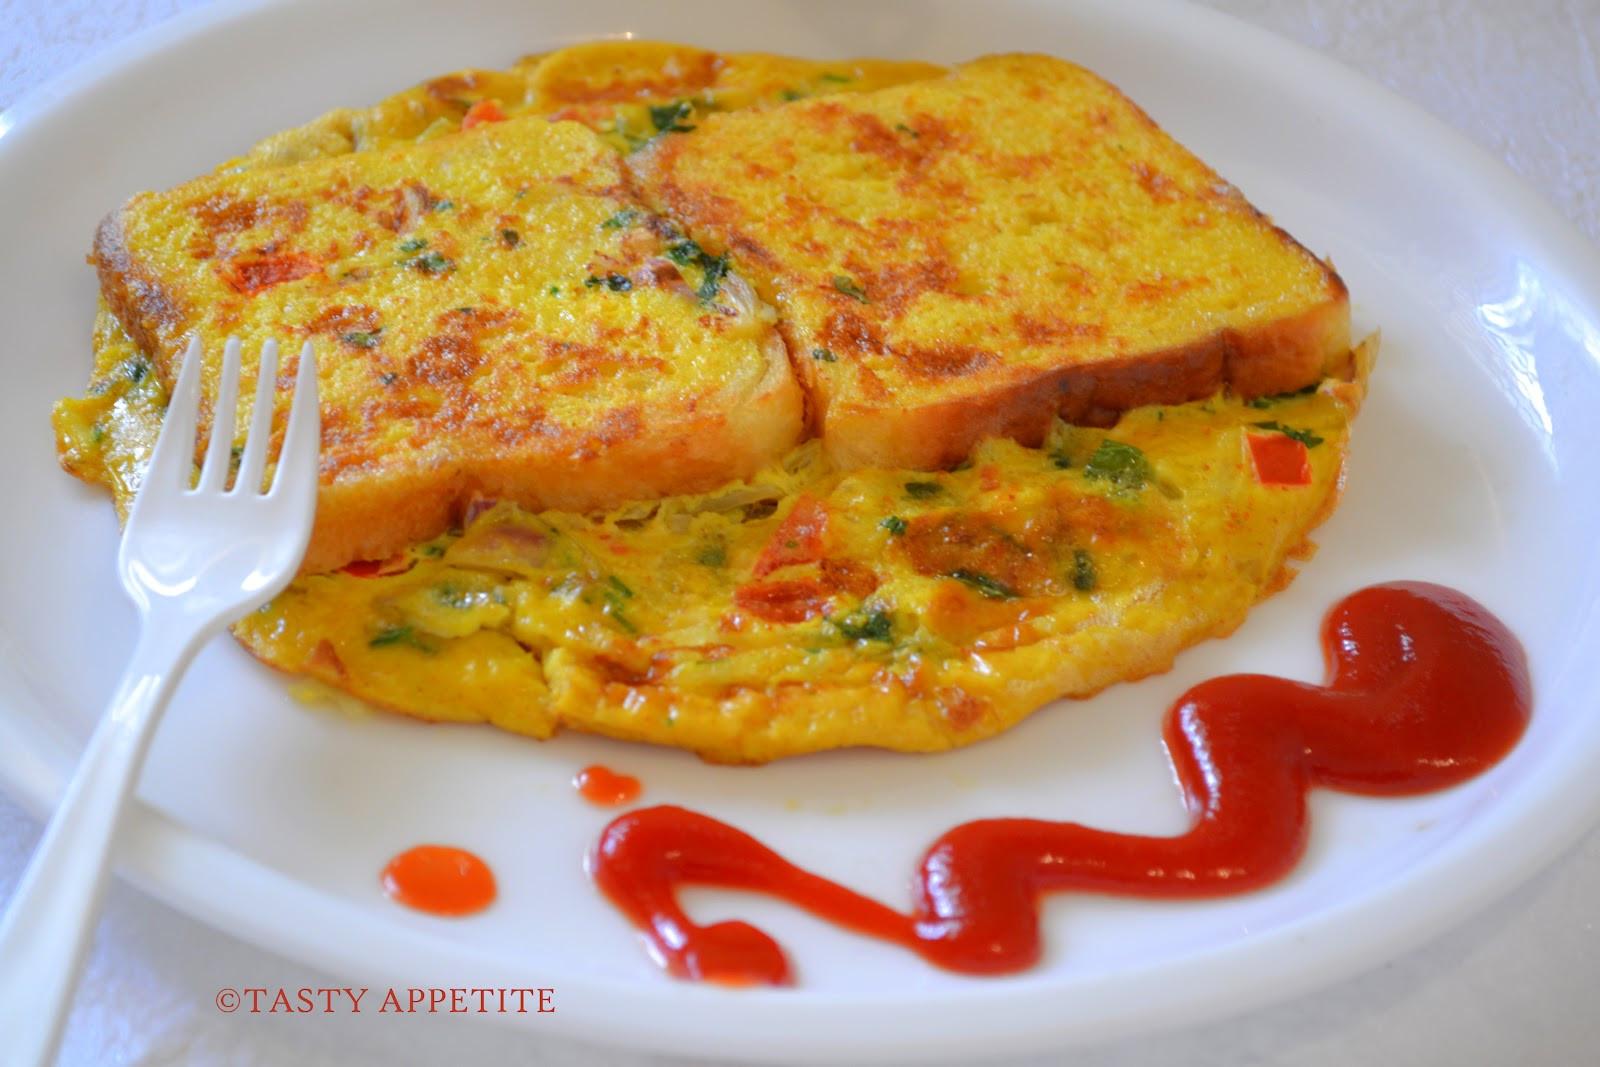 Healthy Breakfast Omelette  Bread Omelet Healthy Breakfast Menu step by step